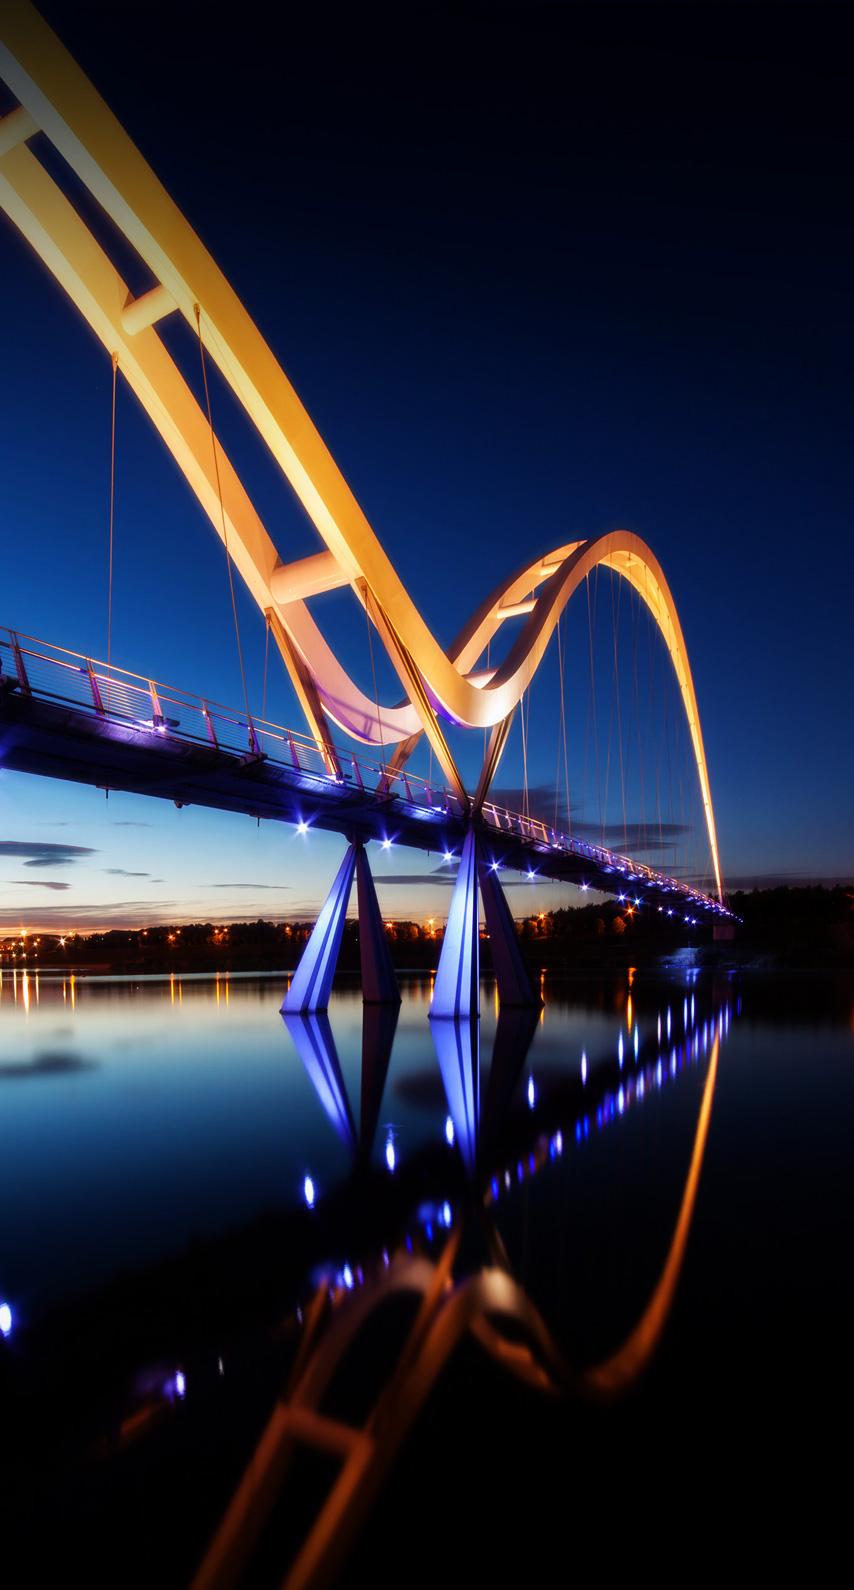 illuminated, cityscape